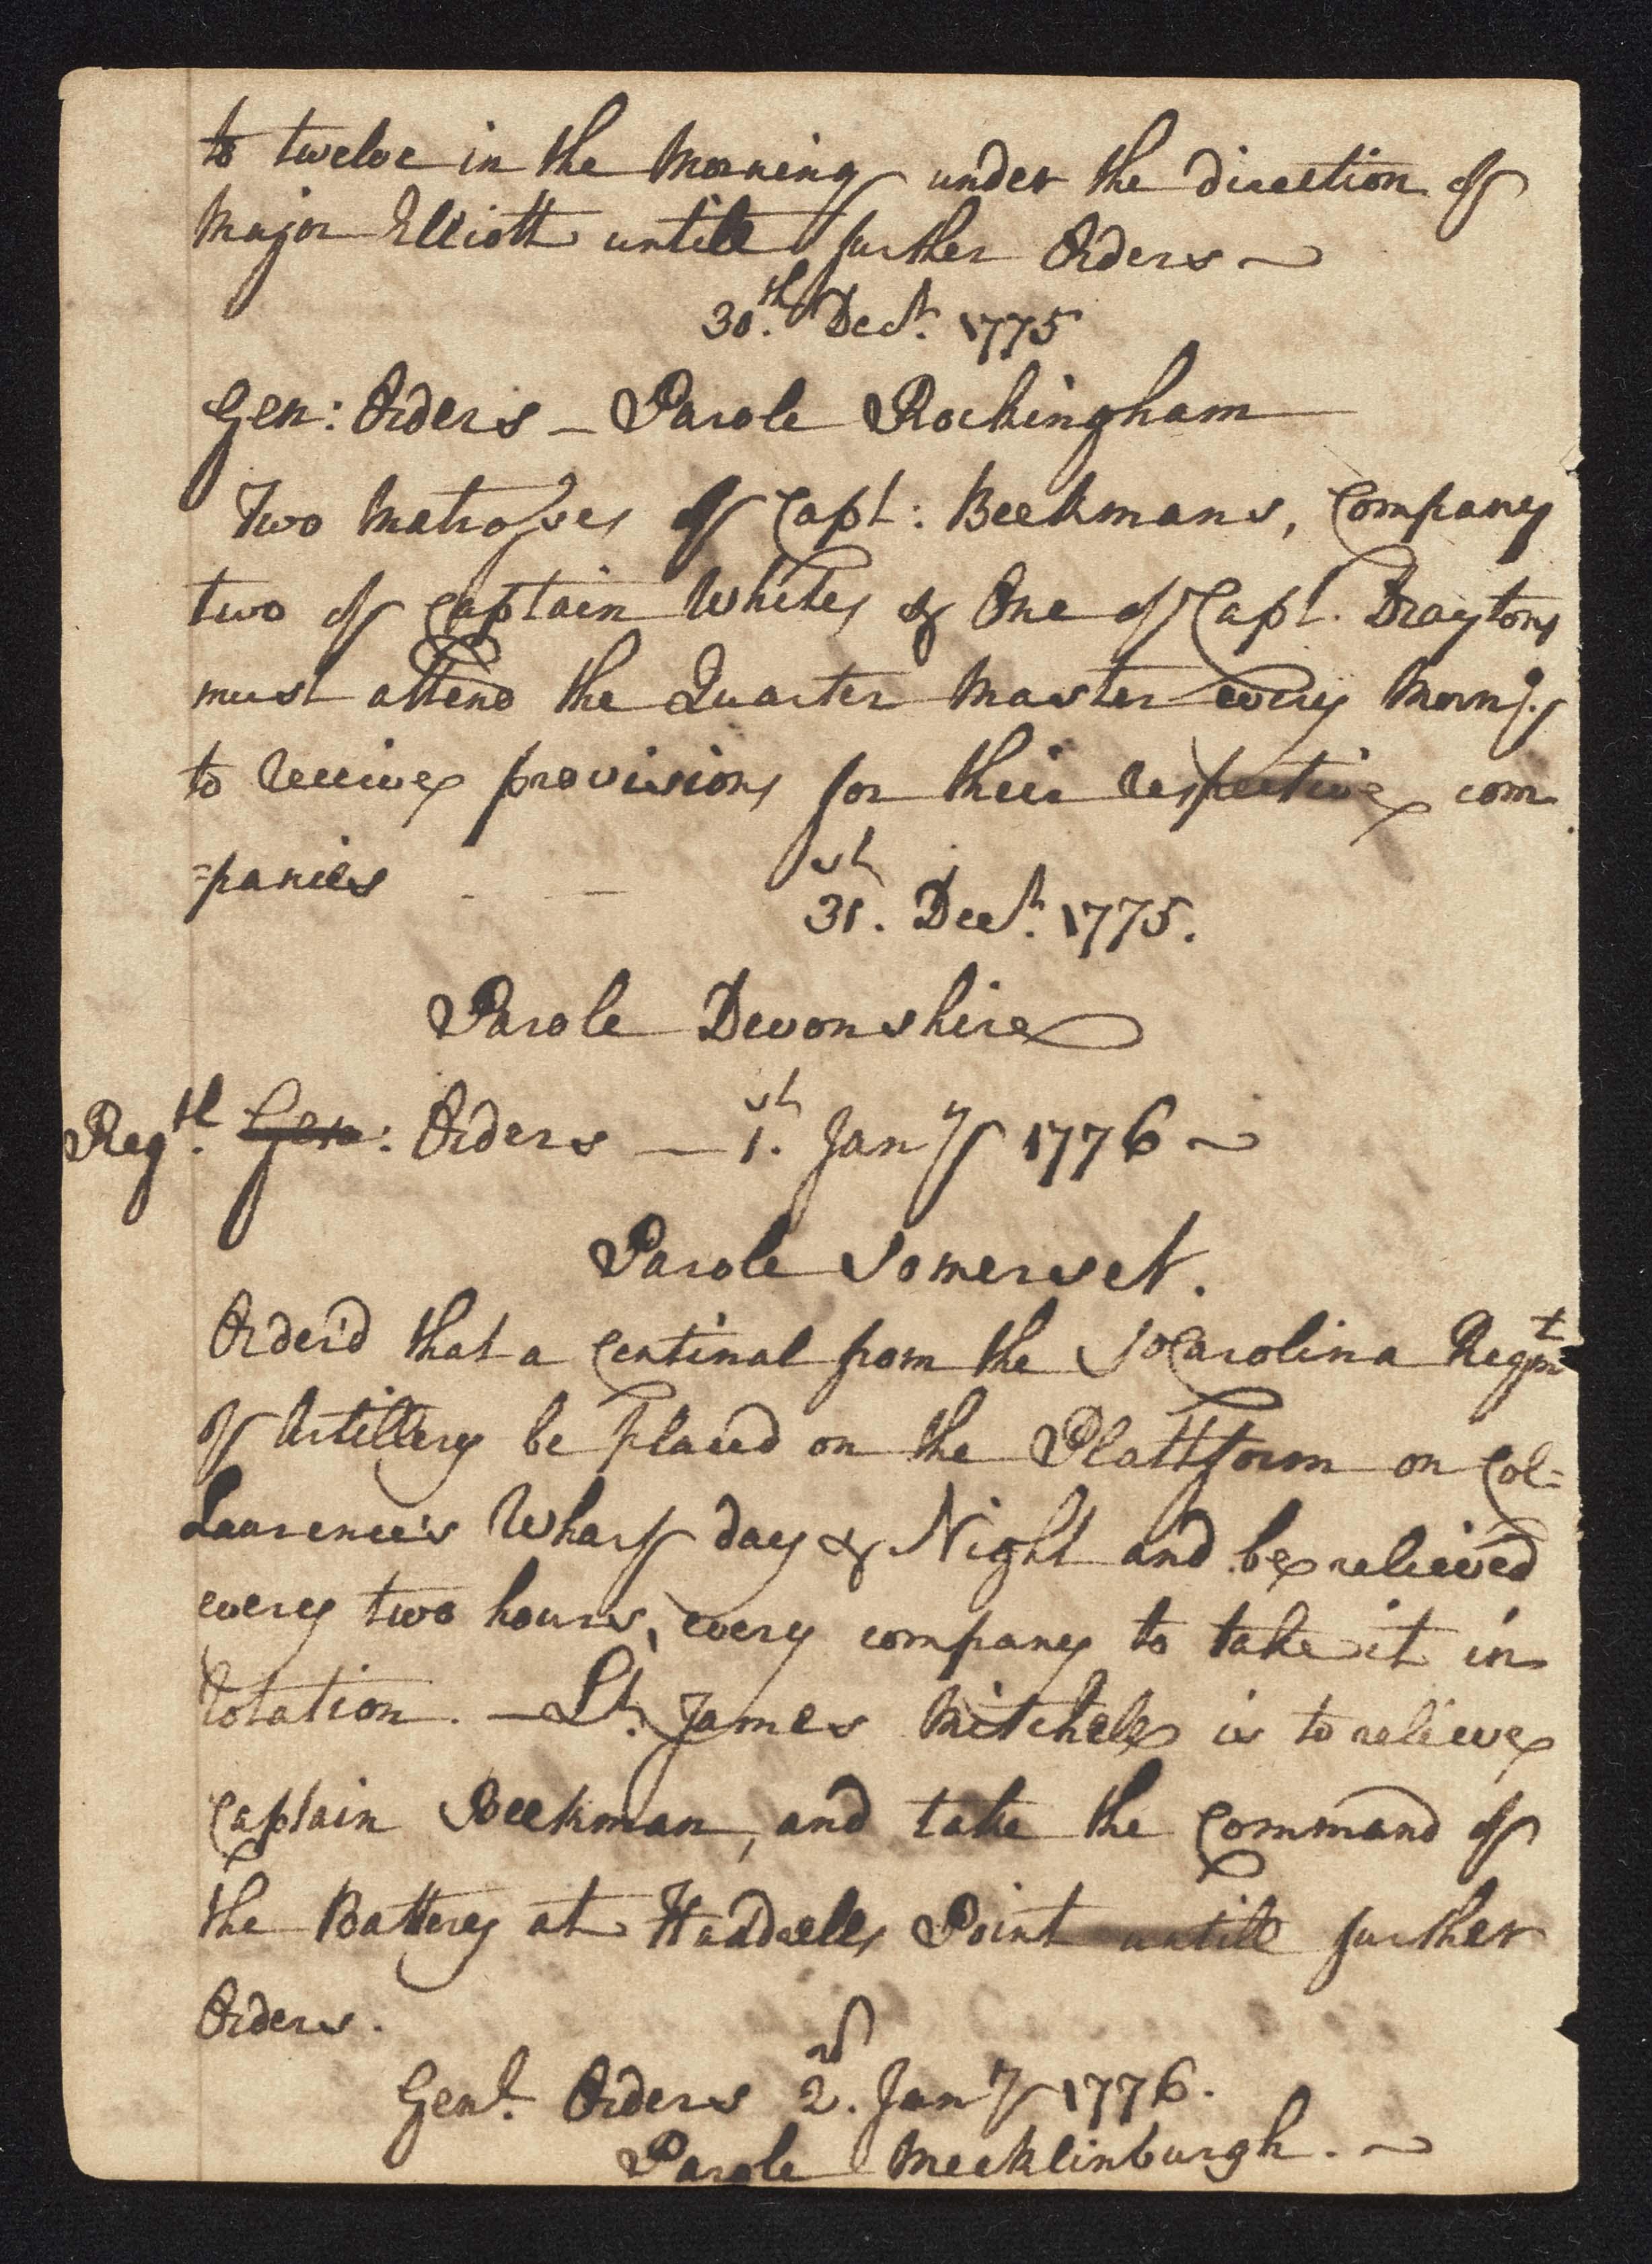 South Carolina Regiment Order Book, Page 56